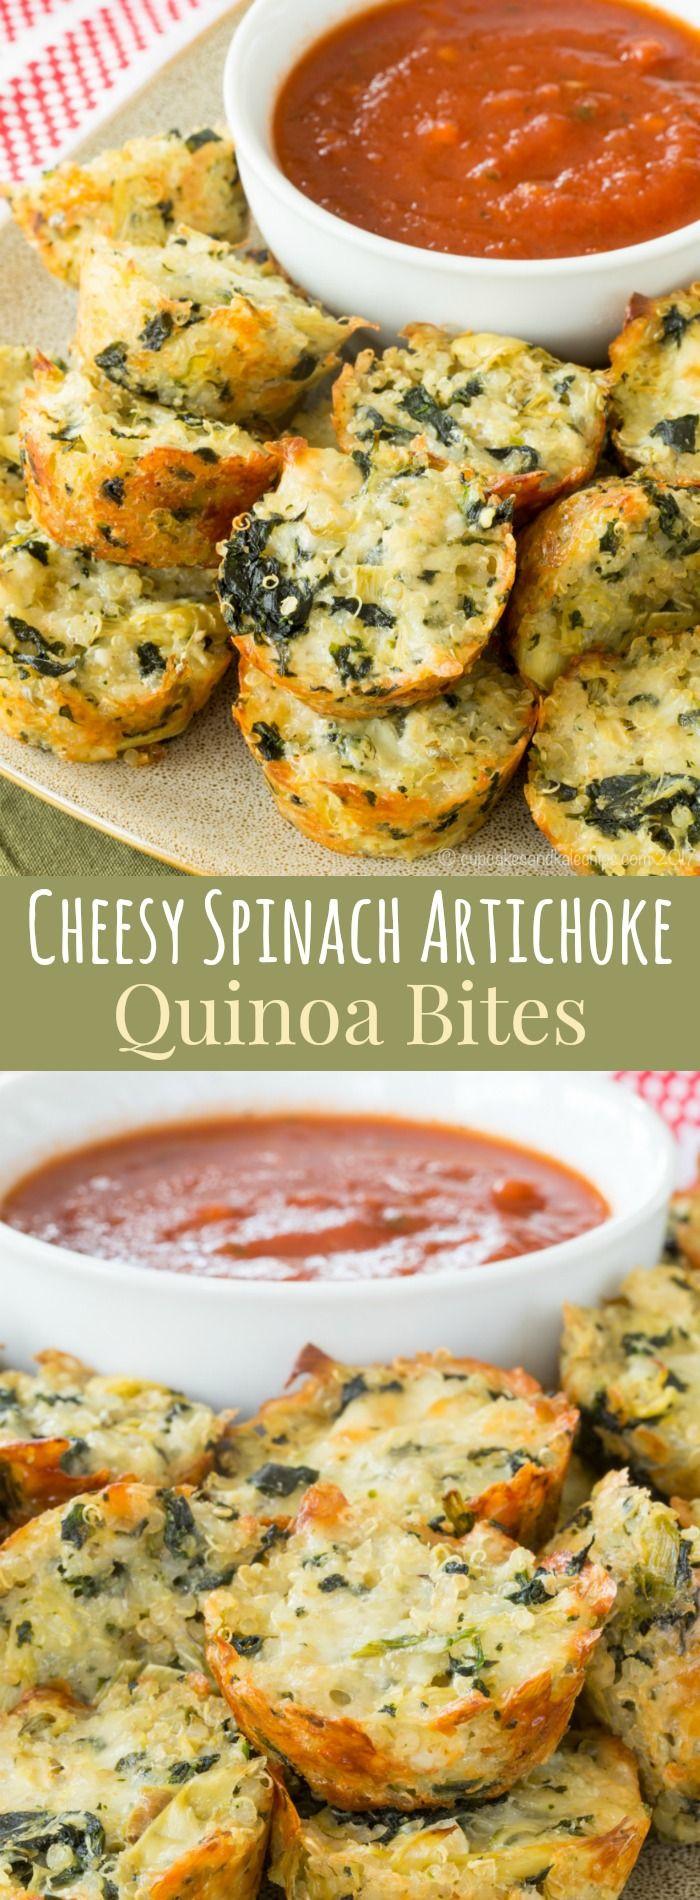 Healthy Appetizers Recipes  Cheesy Spinach Artichoke Quinoa Bites Recipe